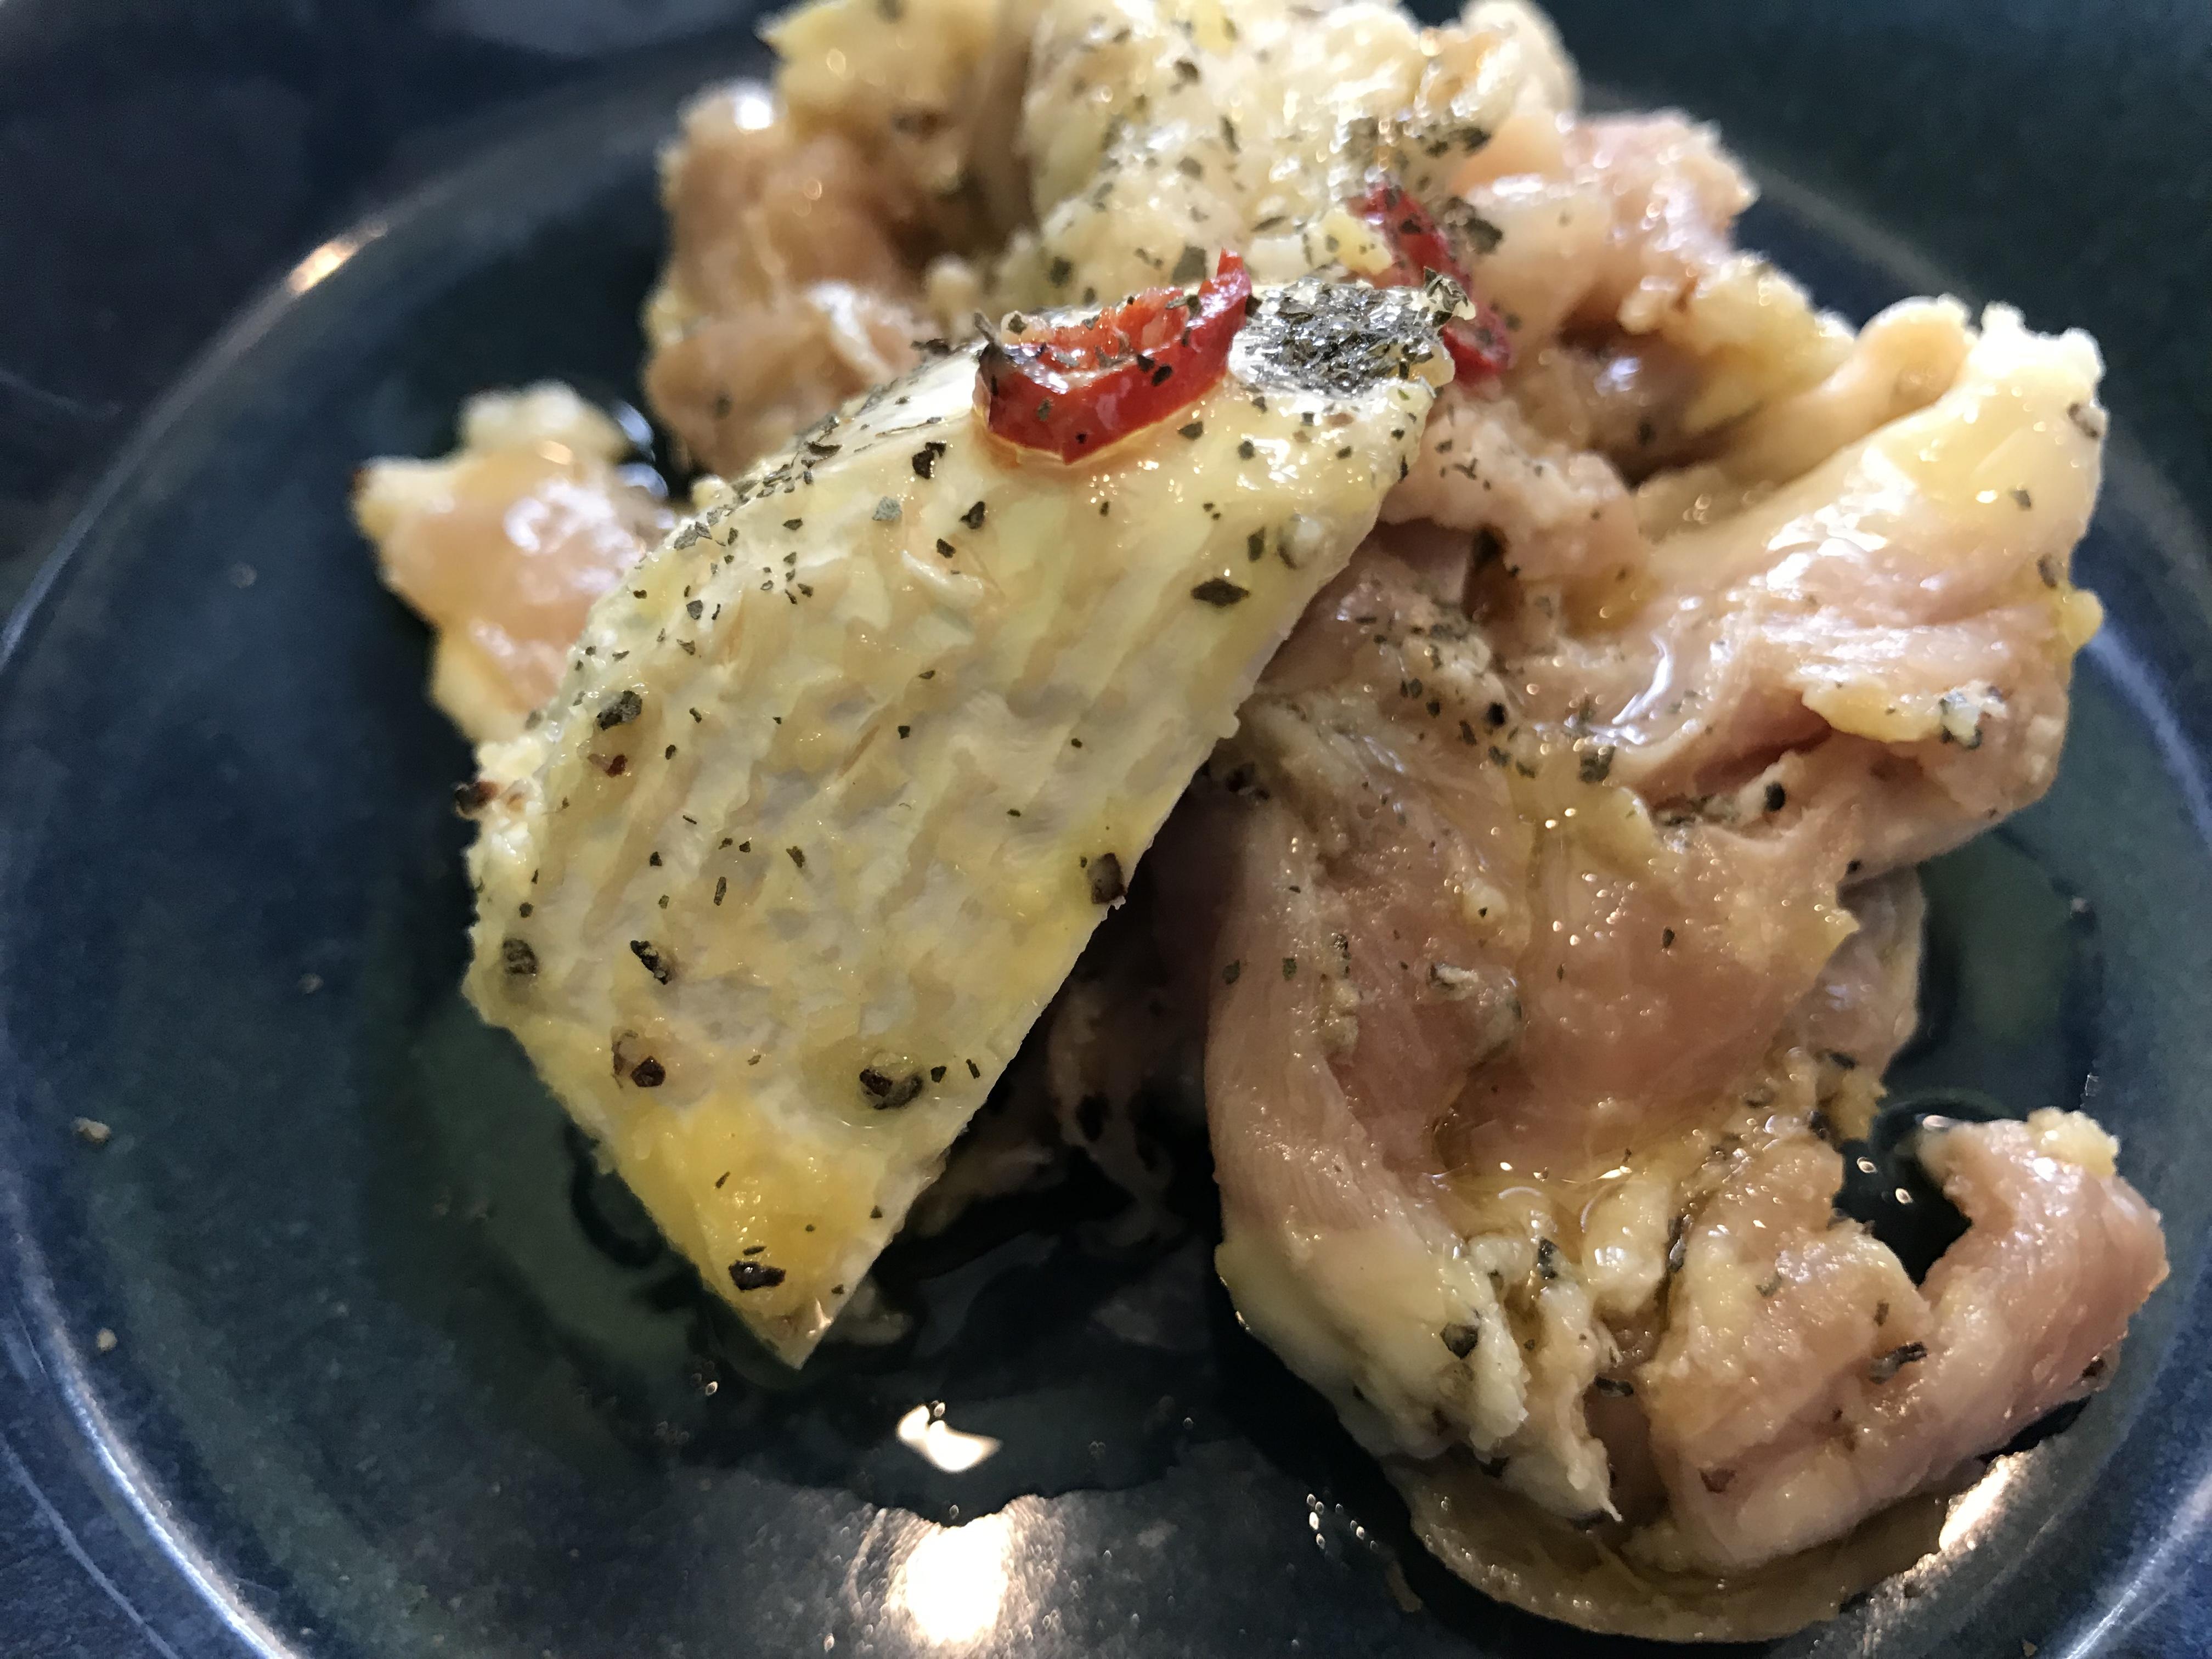 鶏ハラミの焼きアヒージョに添えられているチーズ